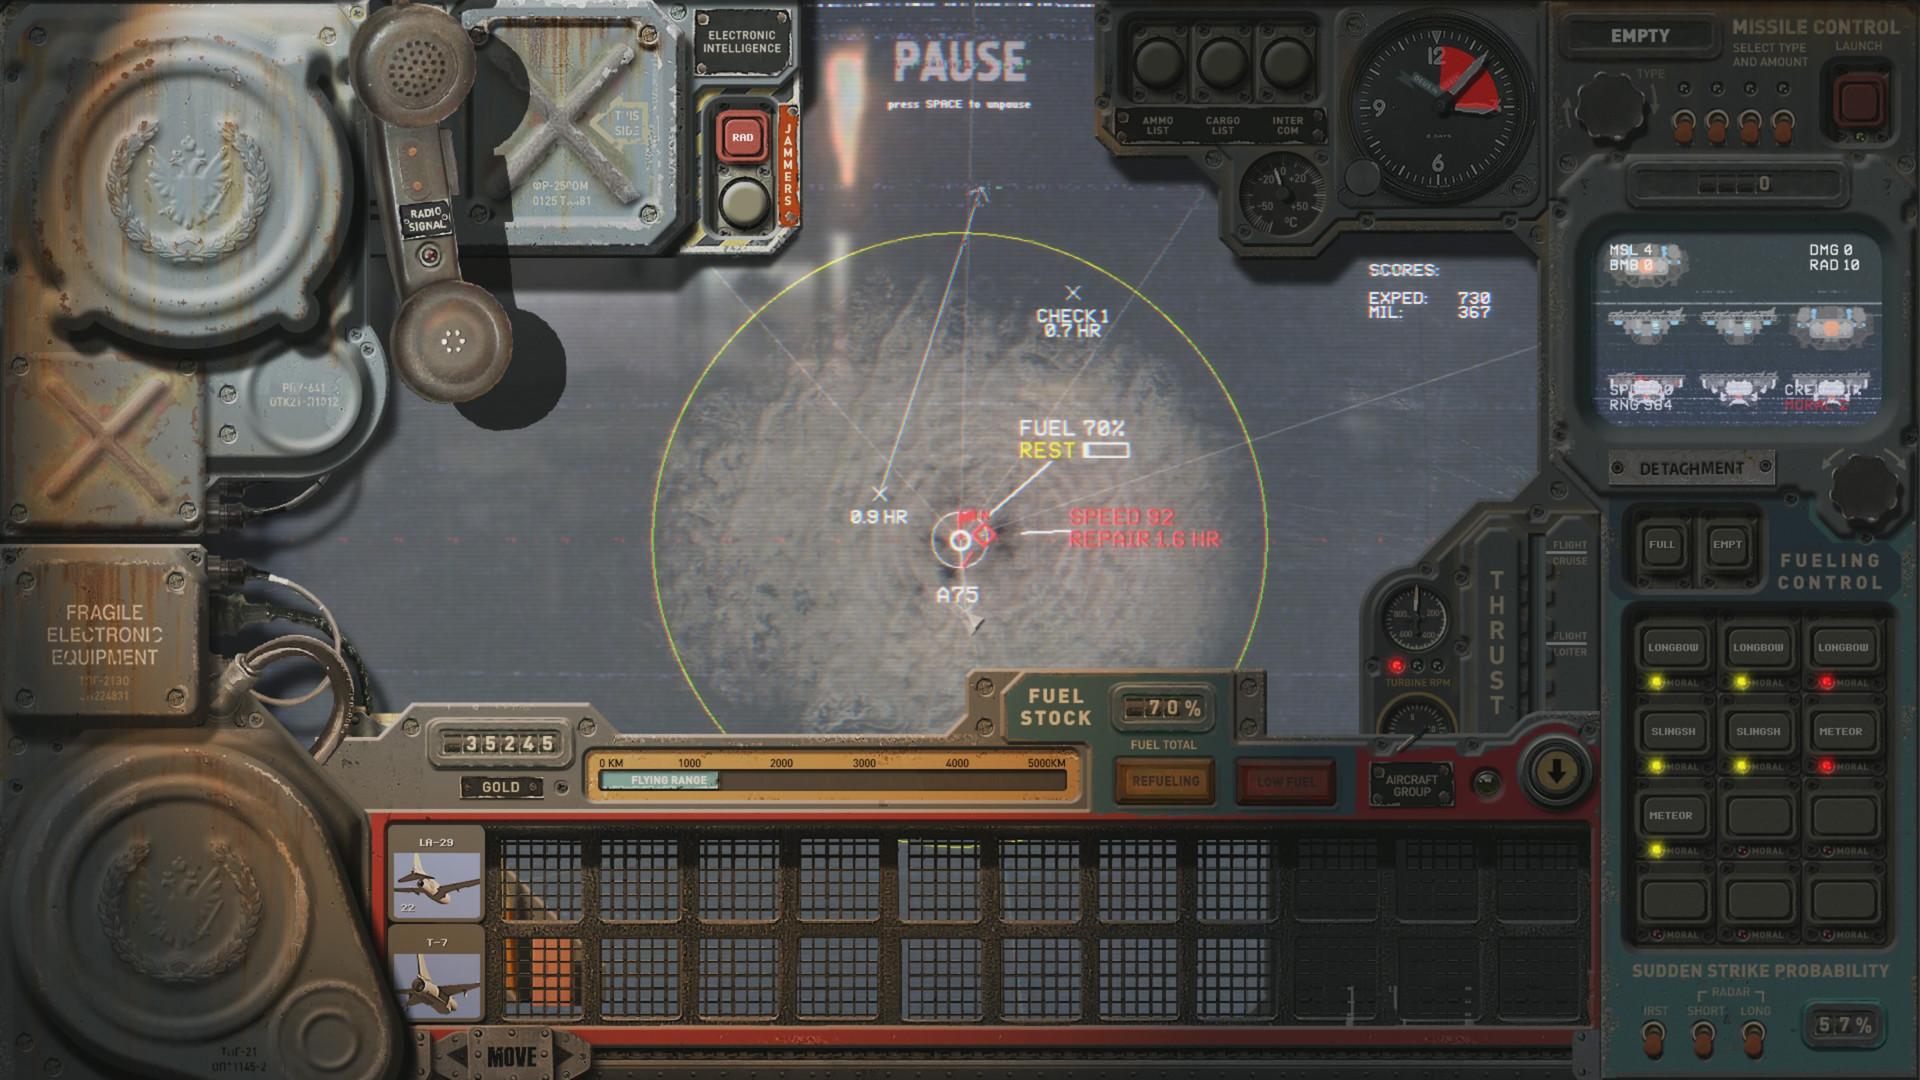 highfleet-pc-screenshot-1